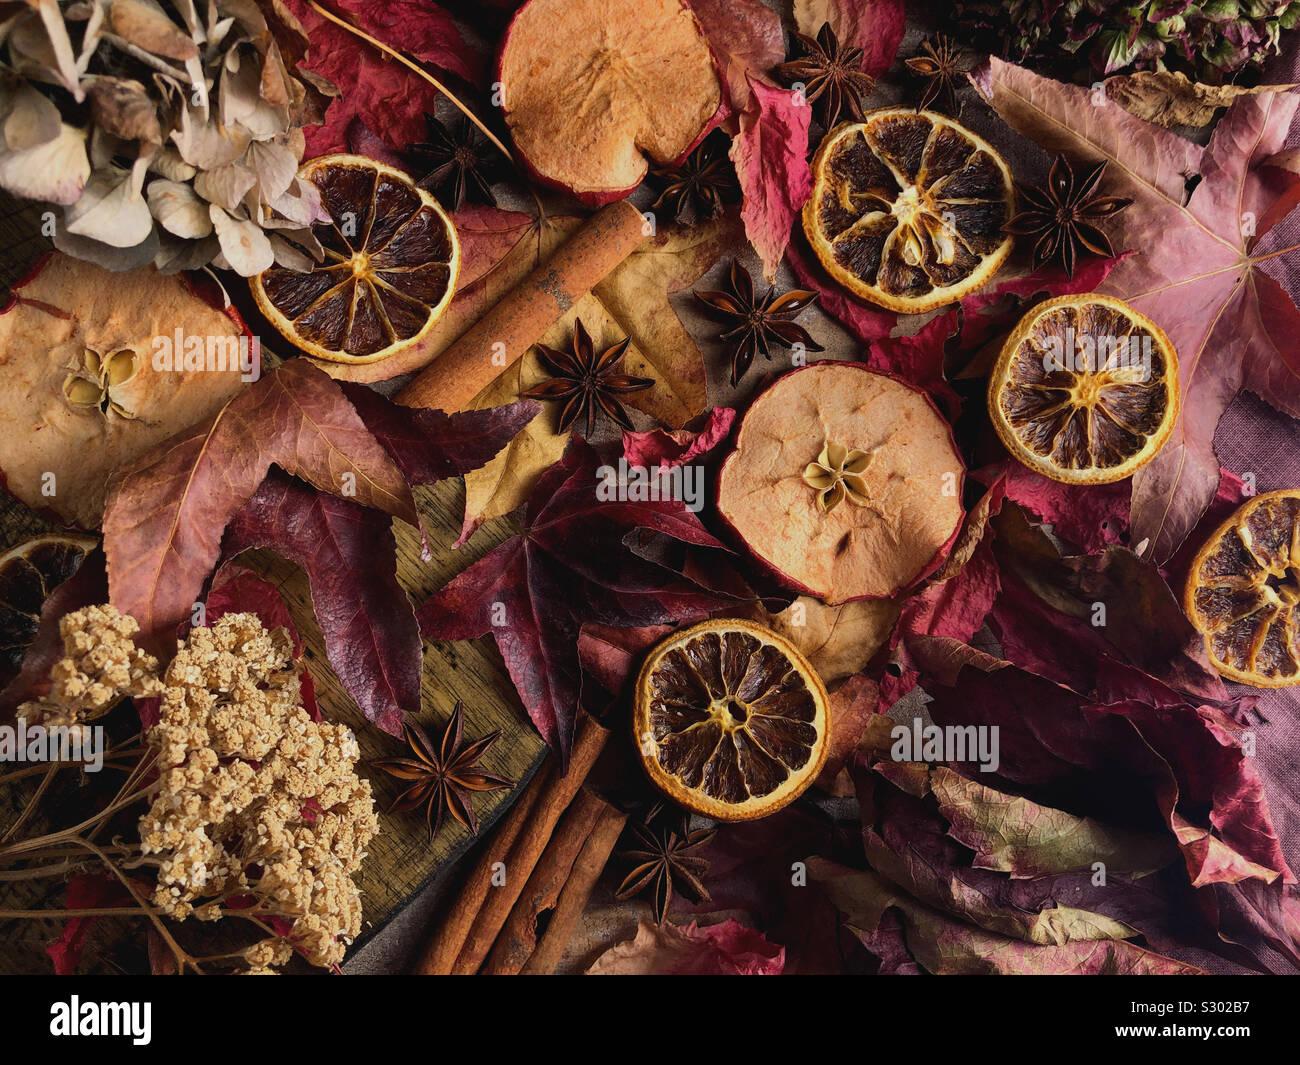 Portrait de divers fruits secs et de fleurs Banque D'Images